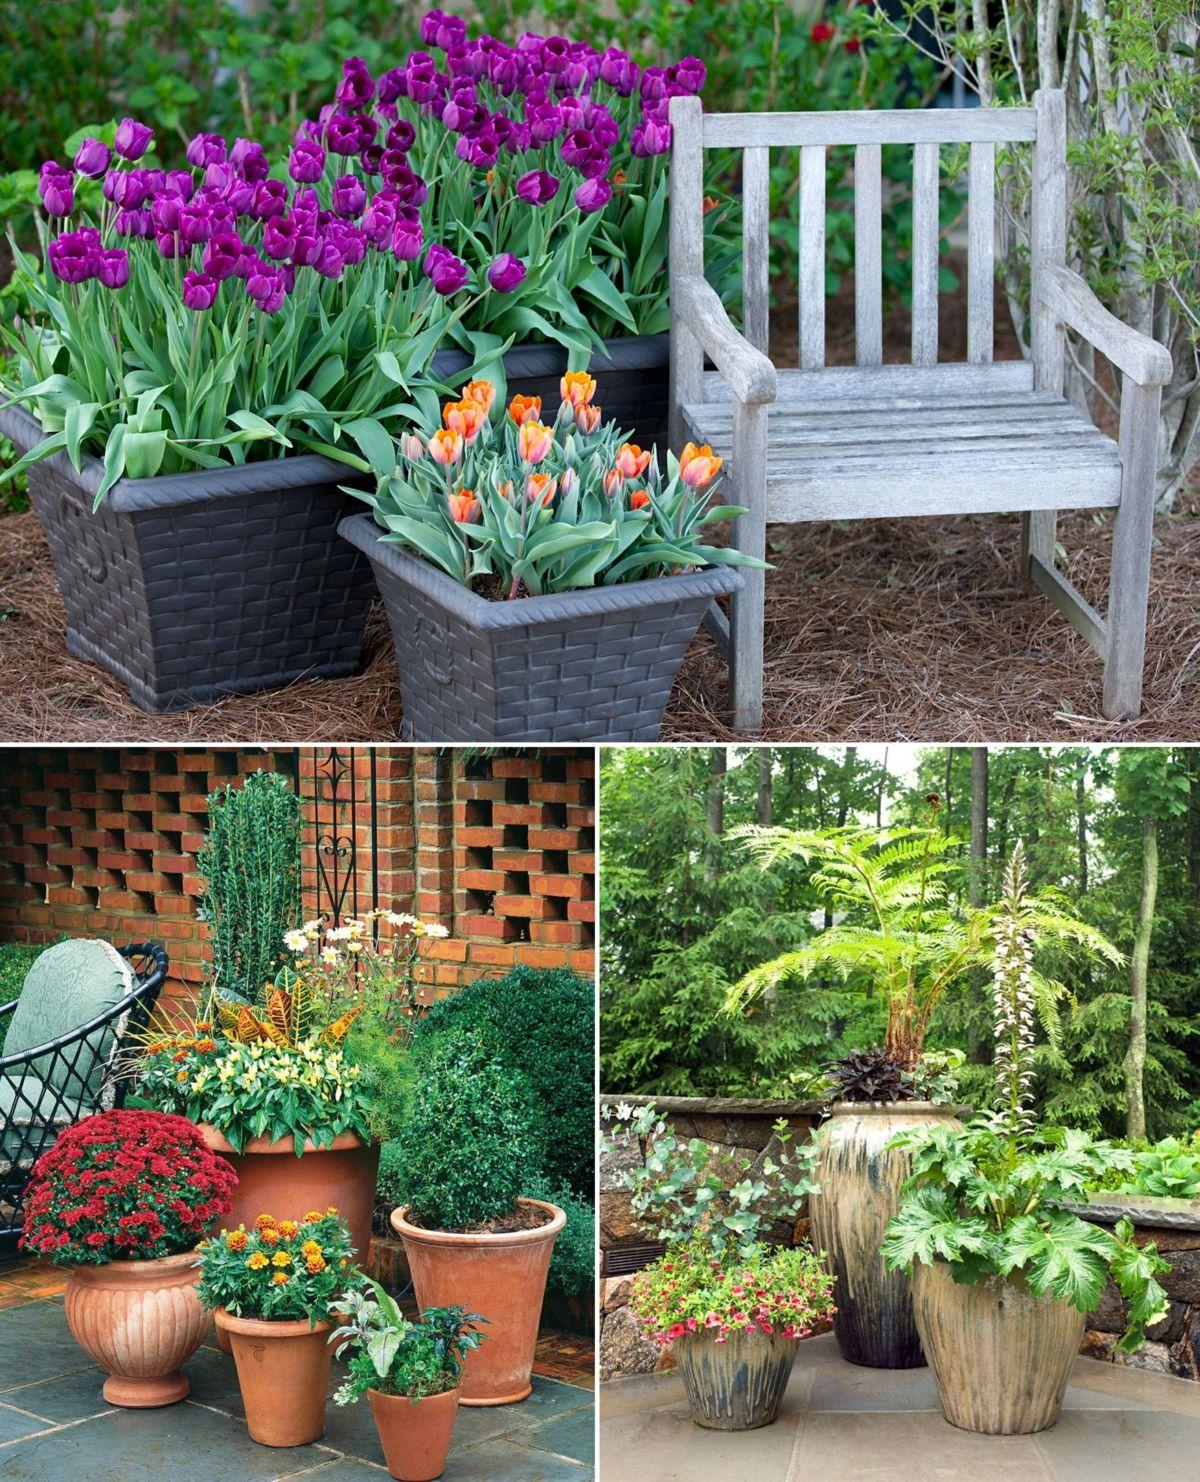 Eine Gruppe Aus Kubeln Und Topfen Mit Pflanzen Ist Eine Schone Deko Fur Tote Ecken Garten Gestalten Garten Gestalten Ideen Garten